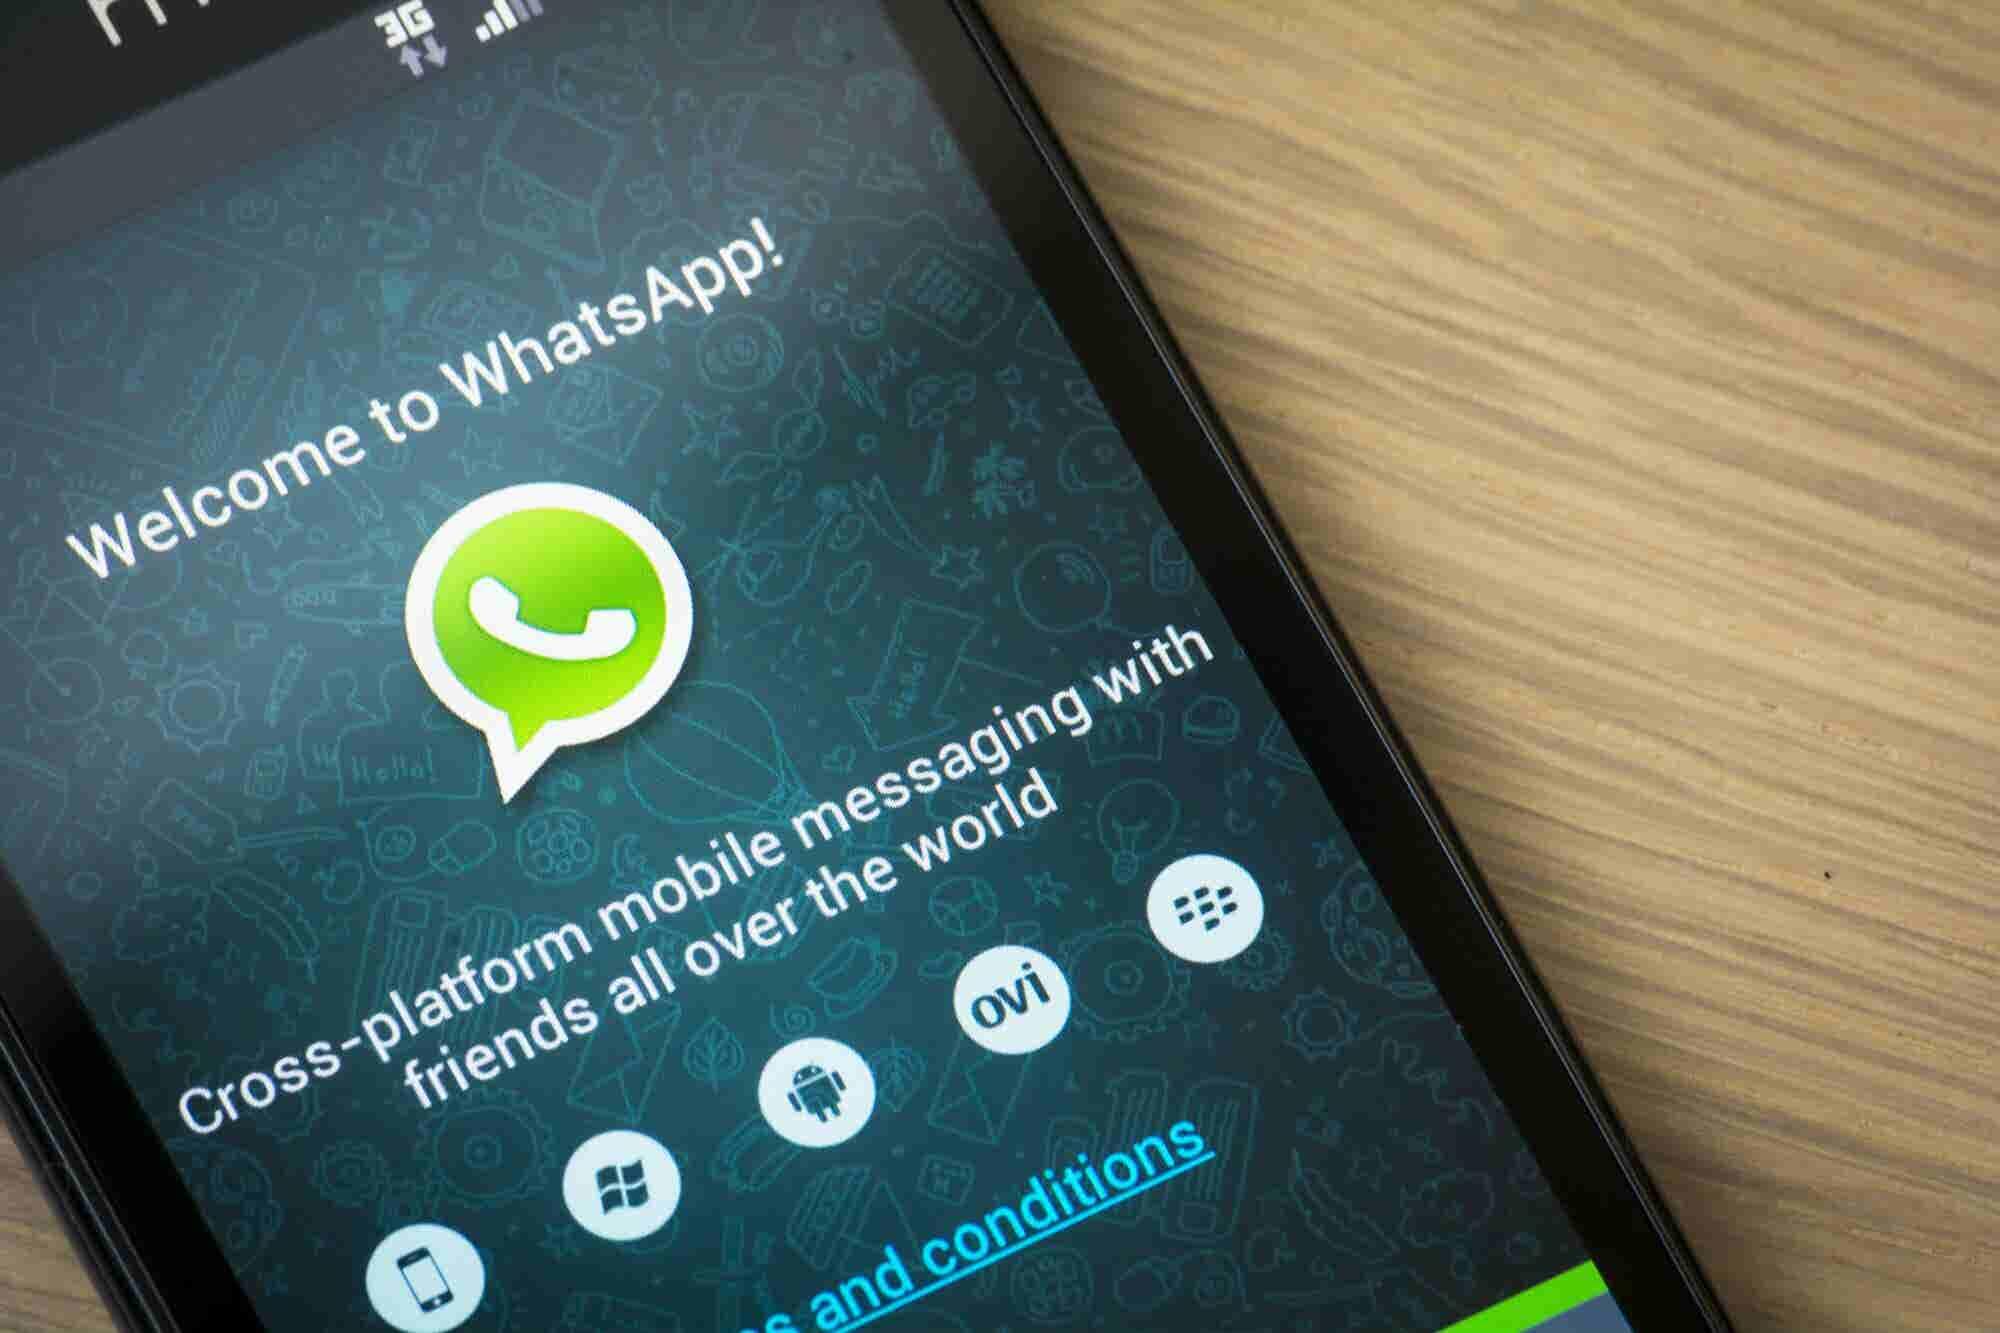 Una videollamada podría haber hackeado cuentas de WhatsApp